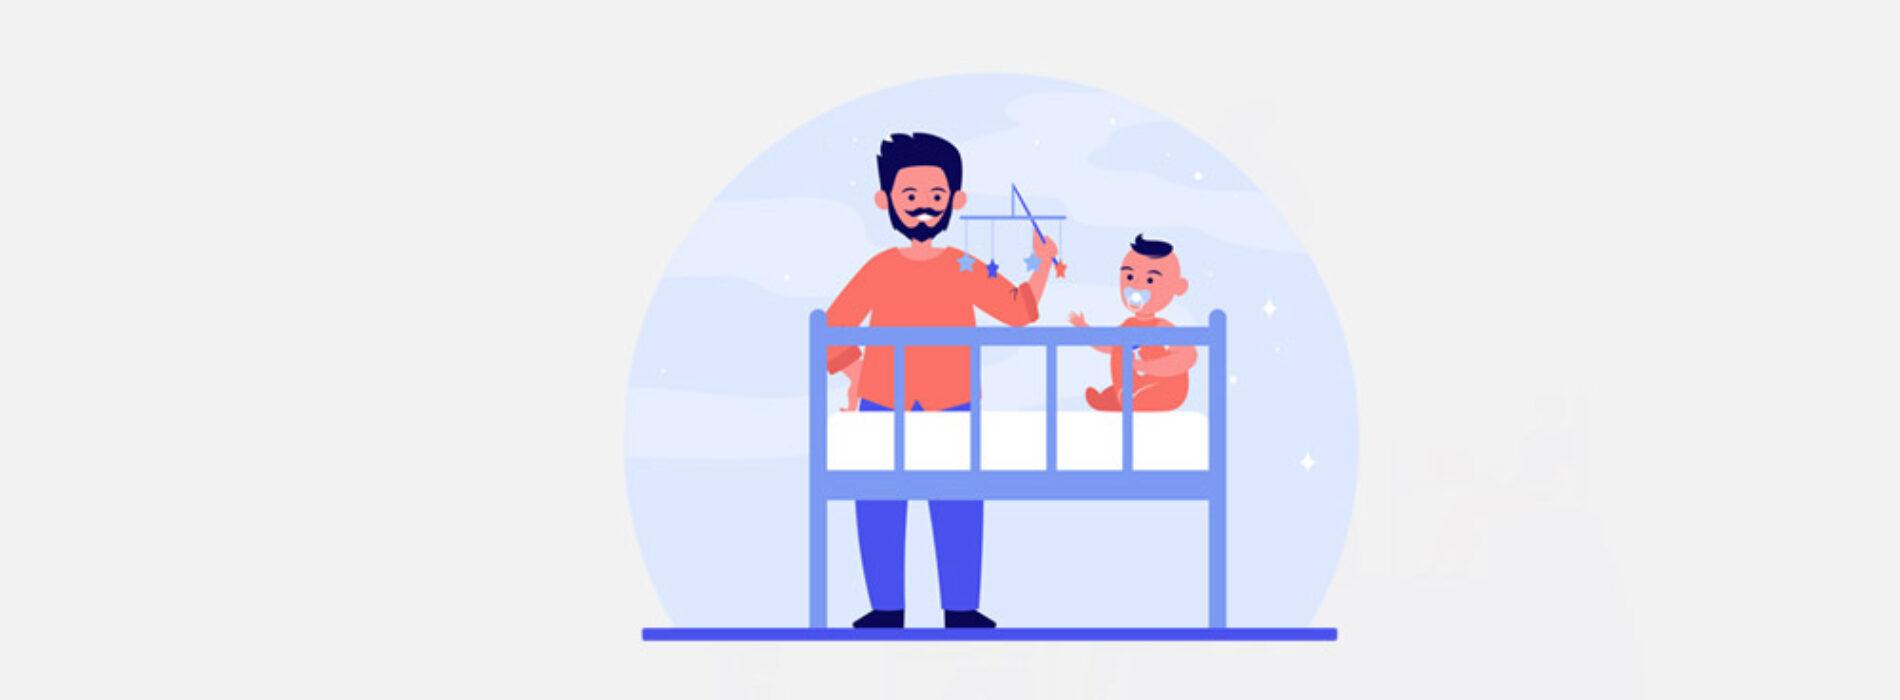 Ulga prorodzinna na dziecko – jak skorzystać i komu przysługuje